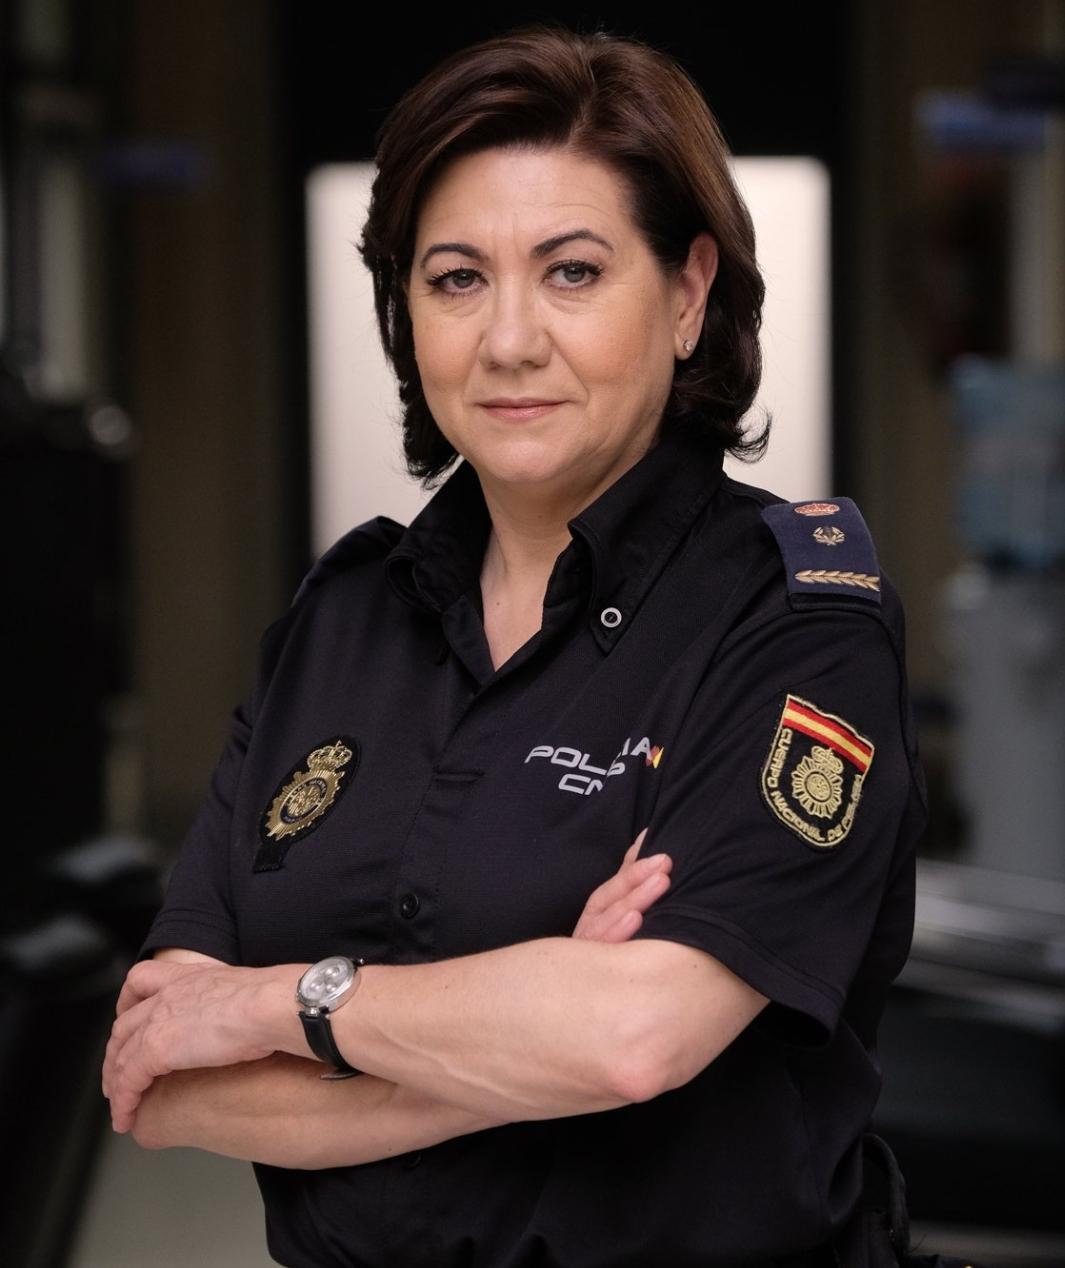 La inspectora jefa Miralles de la serie Servir y Proteger recibe la cruz al mérito policial con distintivo blanco